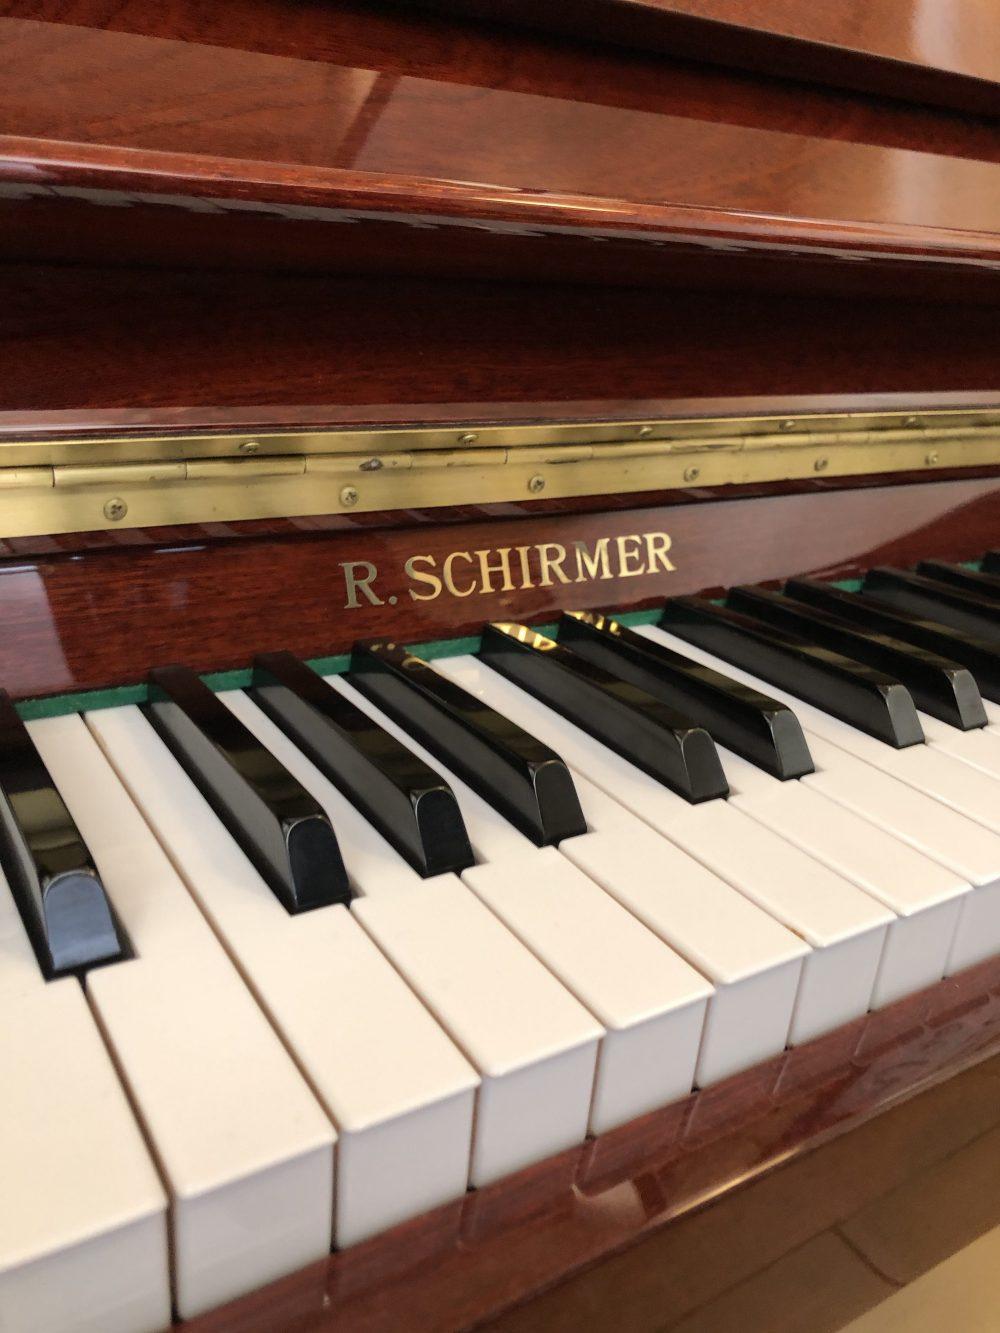 R.Schirmer